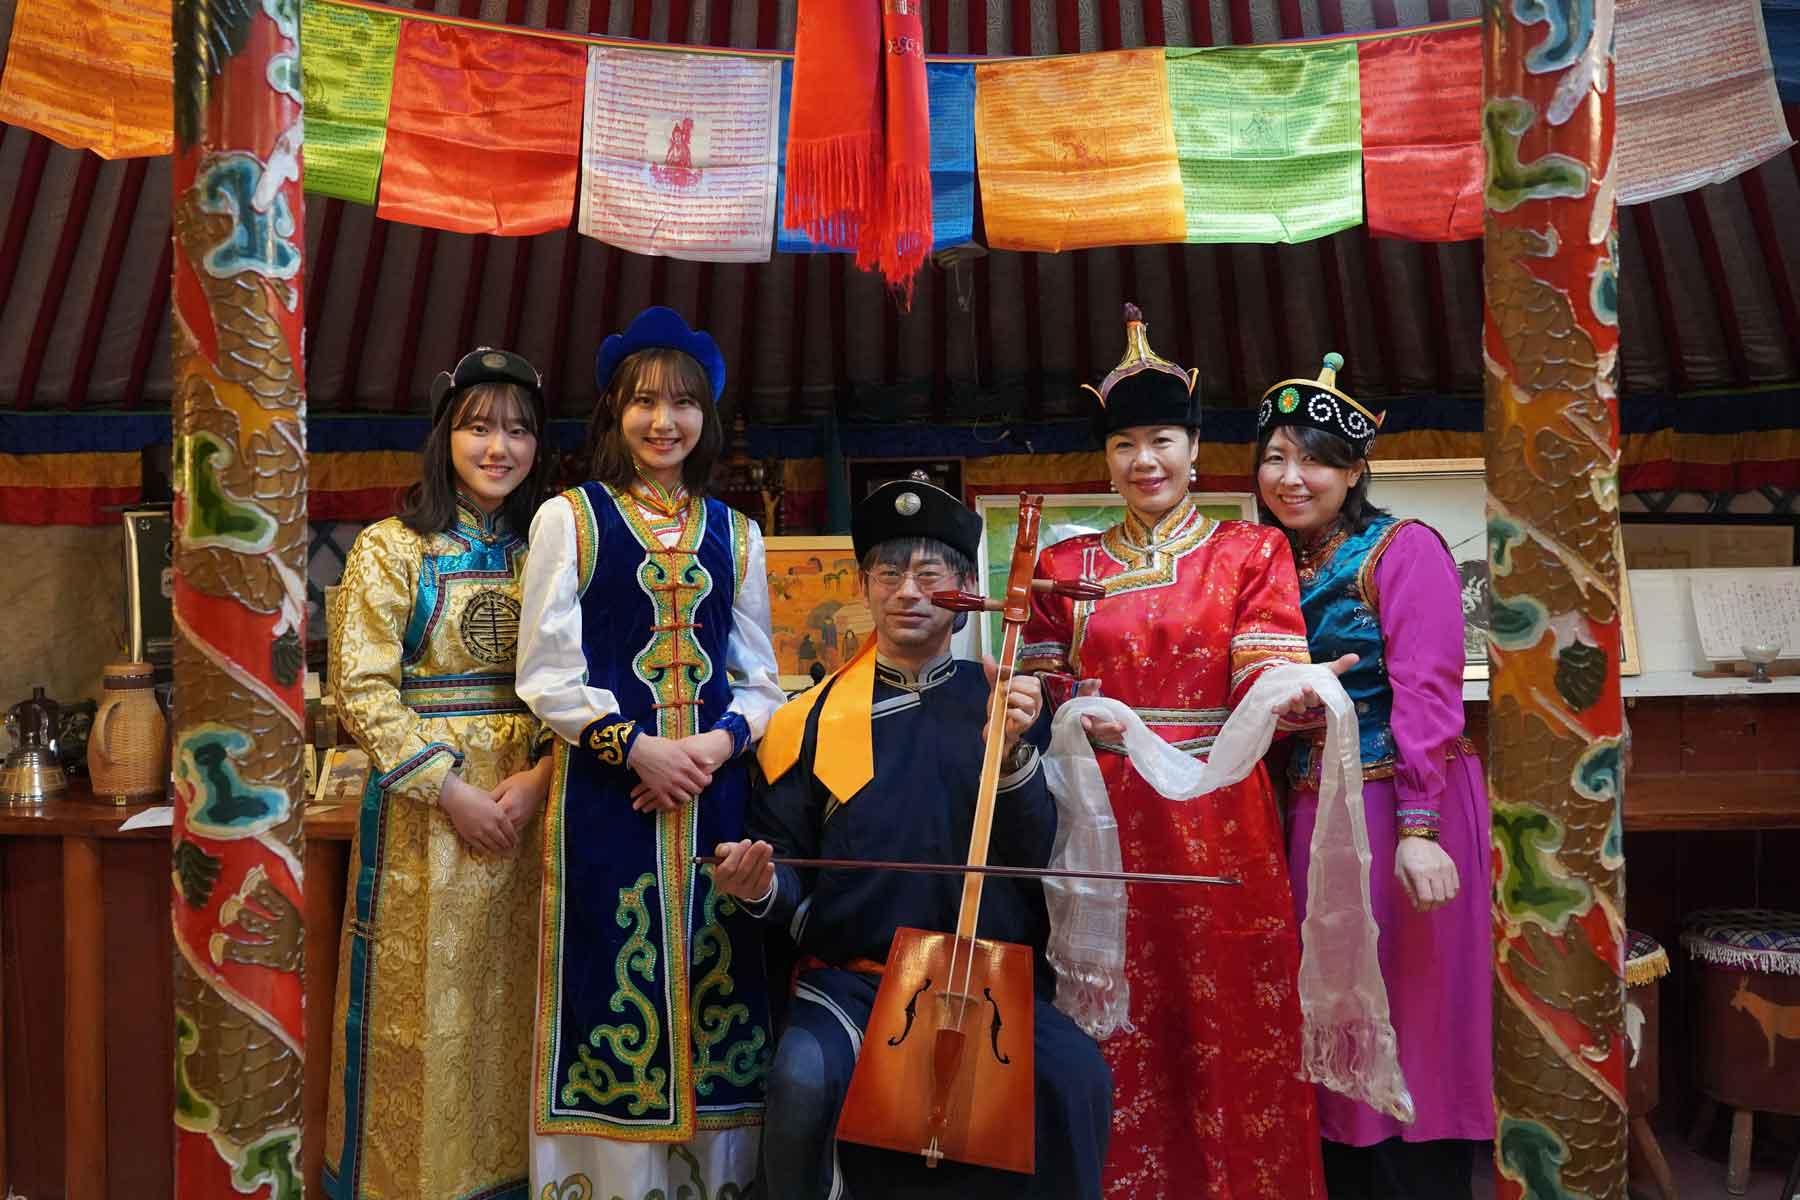 オータニ モンゴルの里でのモンゴル民族衣装着付け体験を楽しむ家族風景